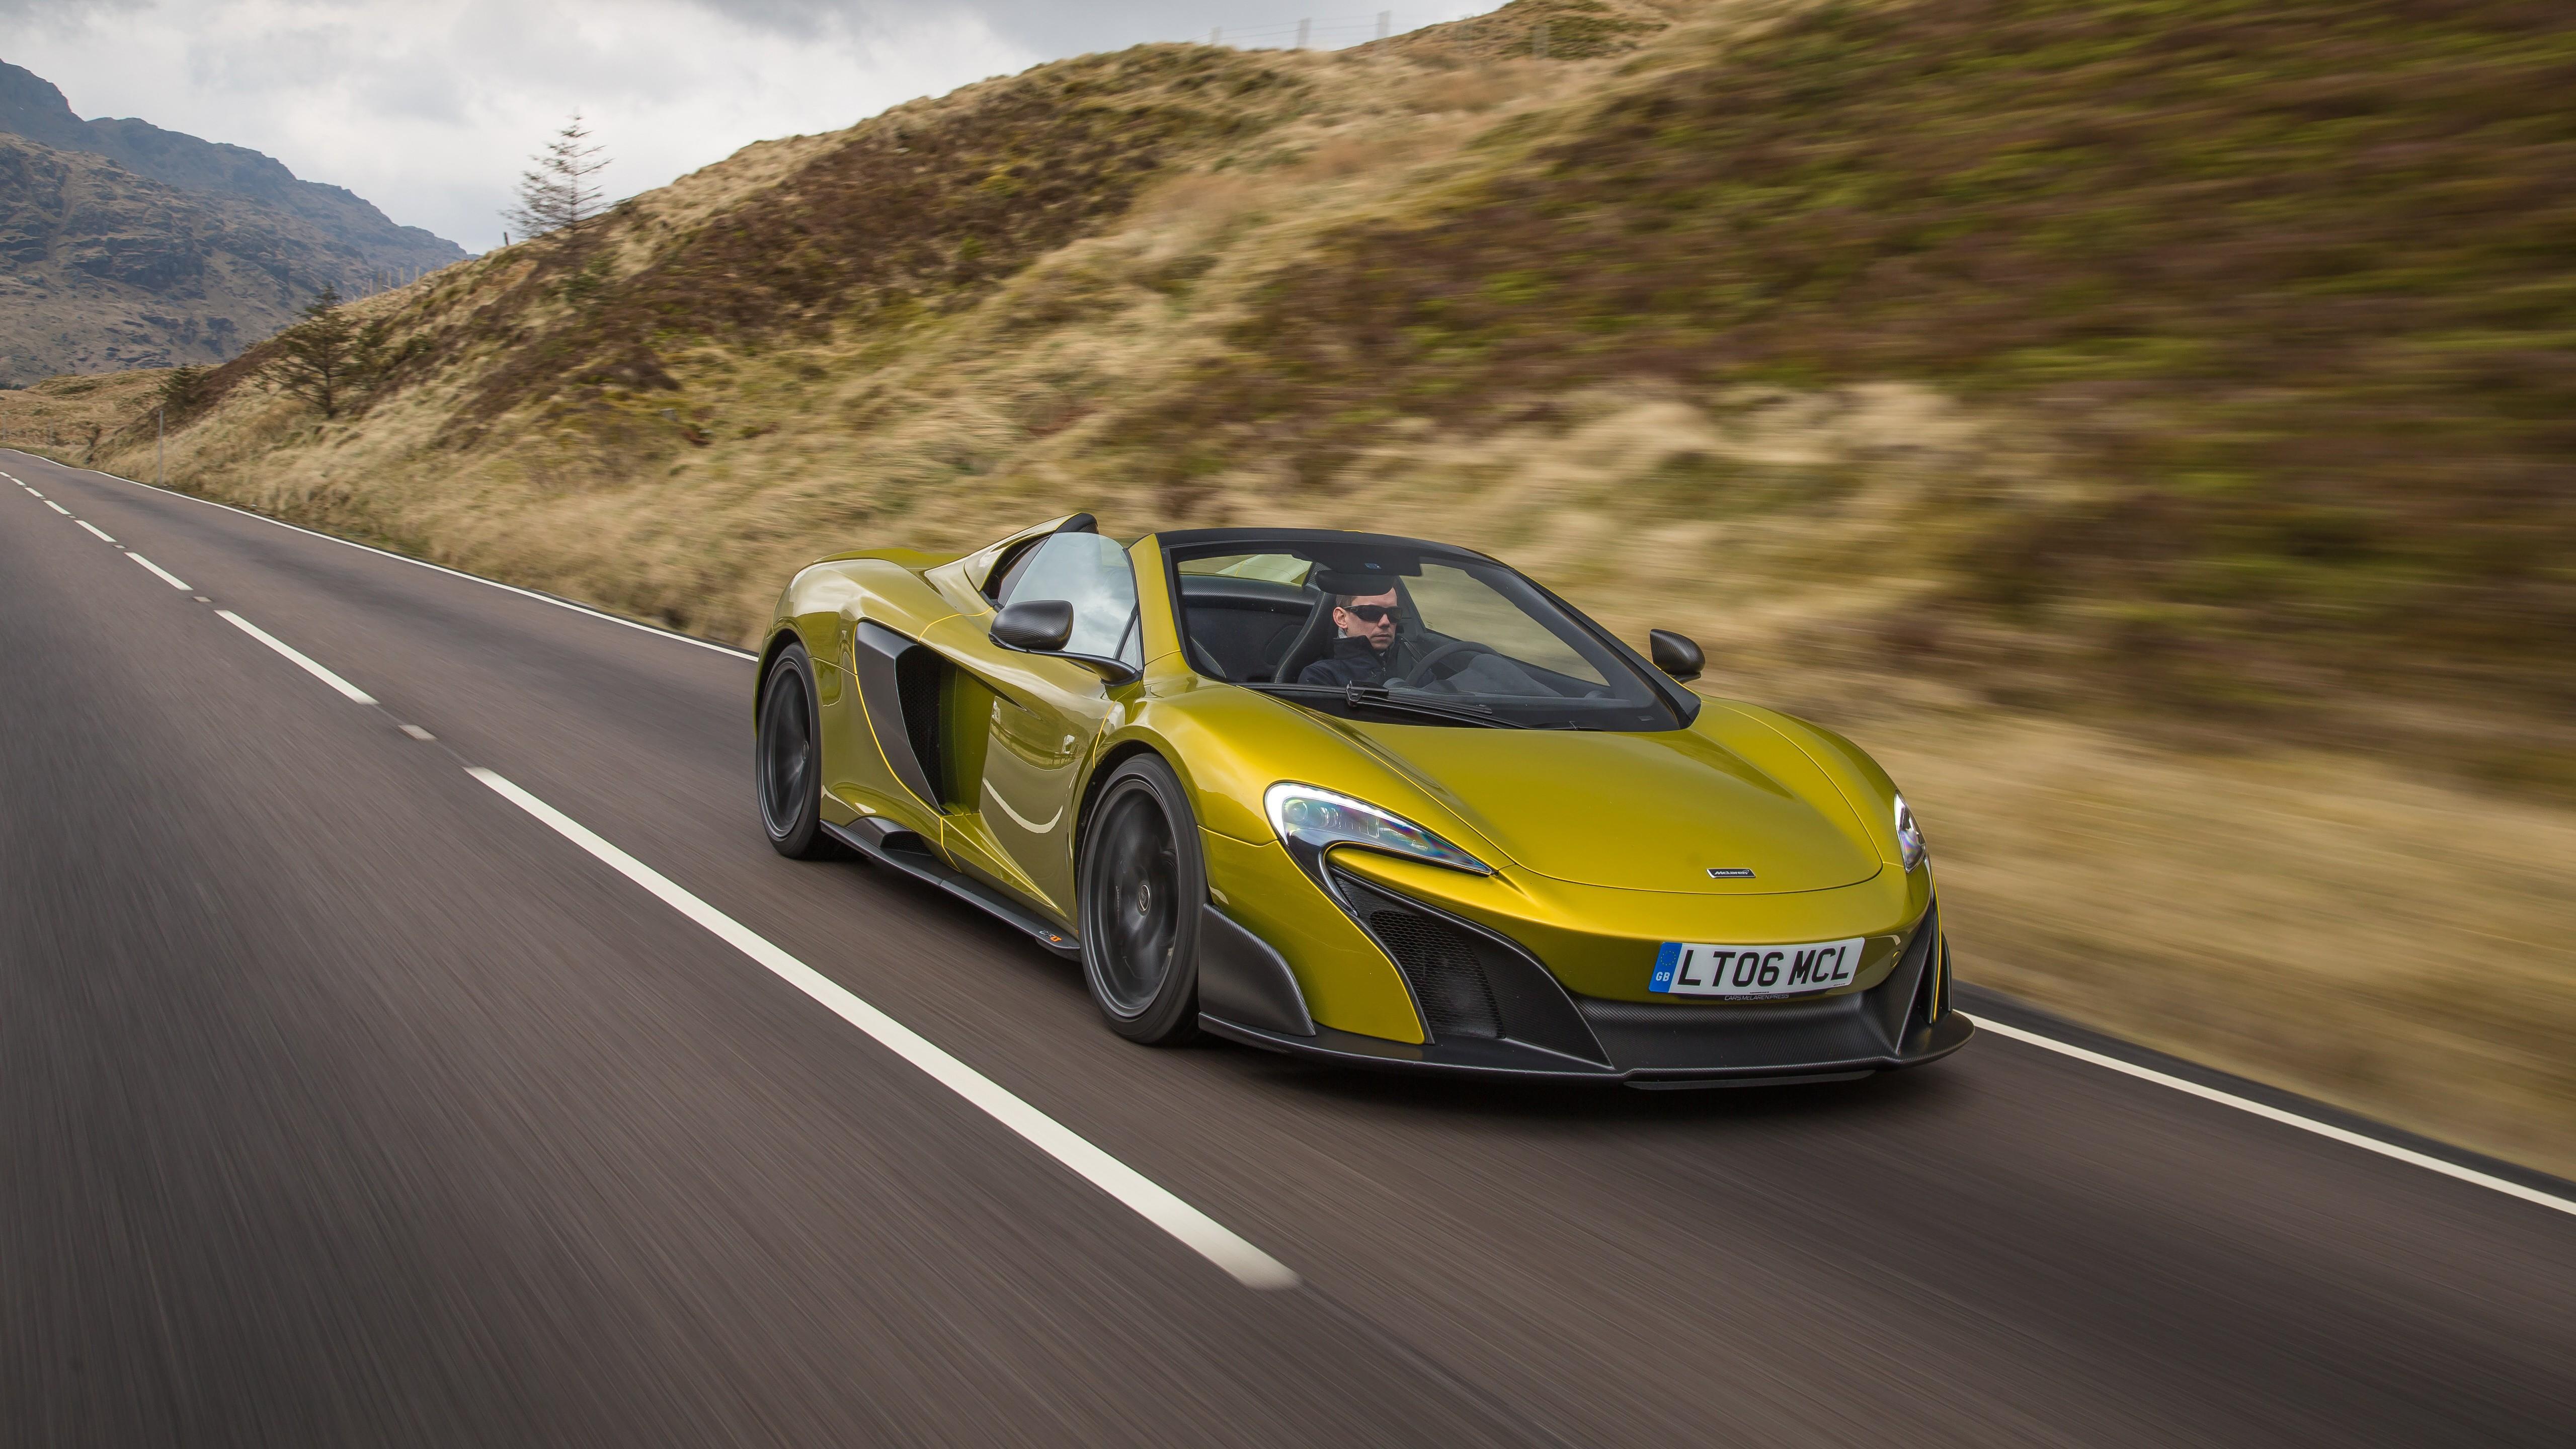 2017 McLaren 720S 5K Wallpapers | HD Wallpapers